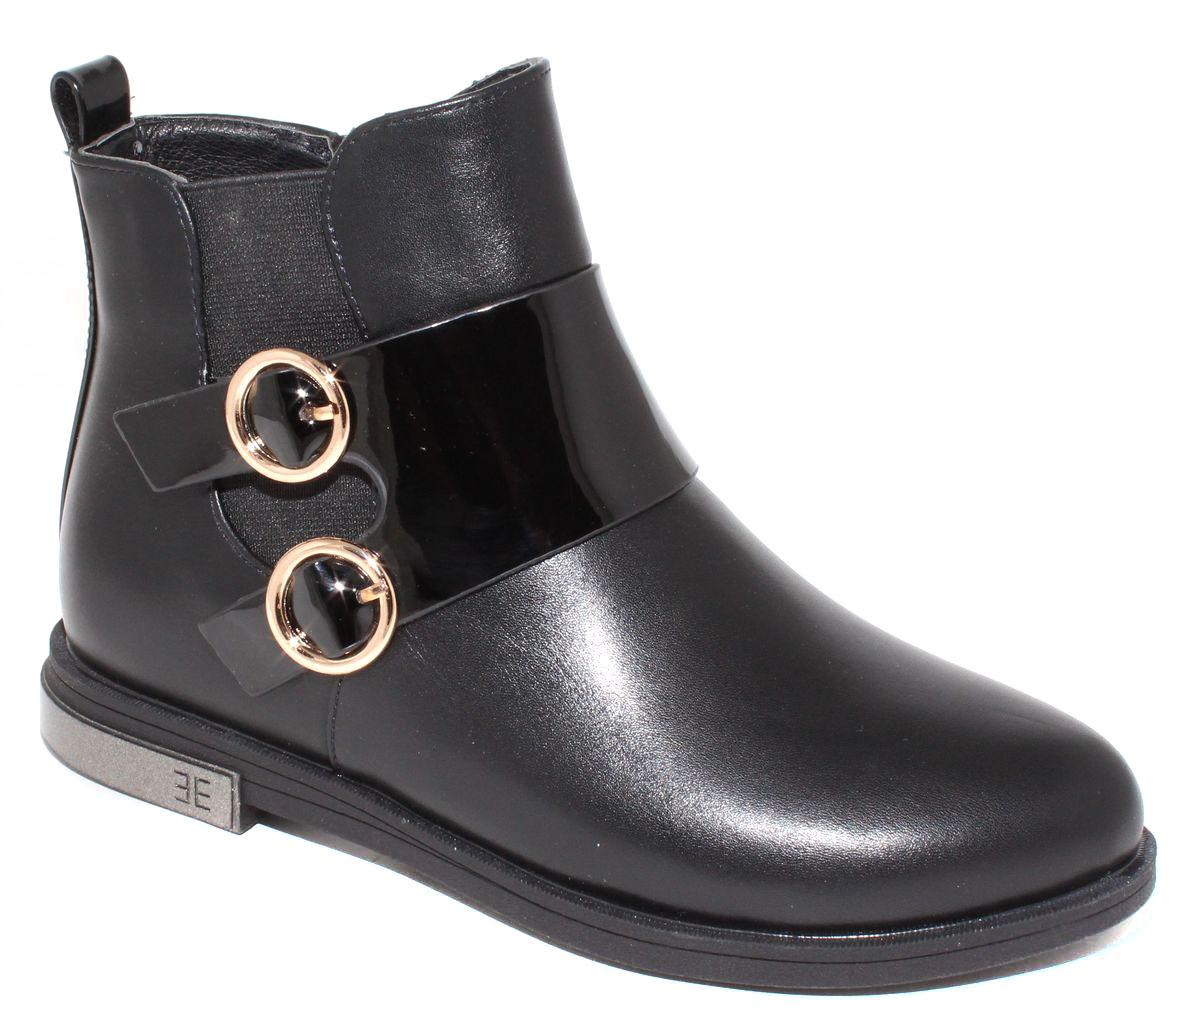 Ботинки для девочки Капитошка, цвет: черный. F5991. Размер 36F5991Стильные детские ботинки Капитошка для девочки выполнены из искусственной кожи. Изделие в области подъема украшено декоративными ремешками с металлической фурнитурой. Подкладка и стелька, выполненные из текстиля, обеспечат детским ножкам комфорт и уют. Удобные ботинки - необходимая вещь в гардеробе каждого ребенка.